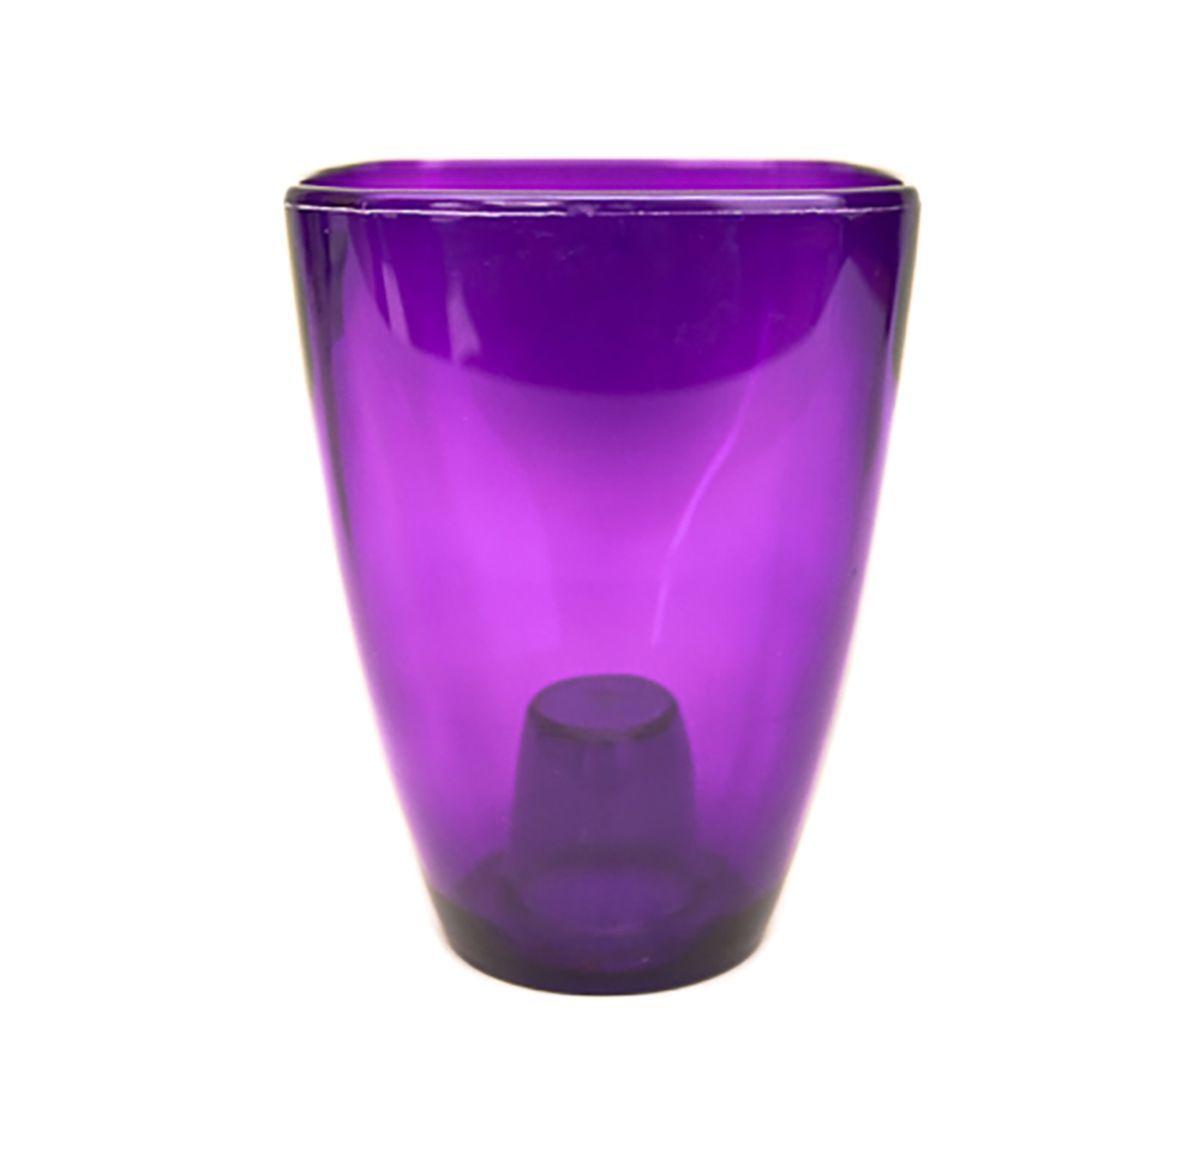 цена на Кашпо для орхидей Form-Plastic Орхидея, цвет: фиолетовый, 10 х 10 х 16,5 см